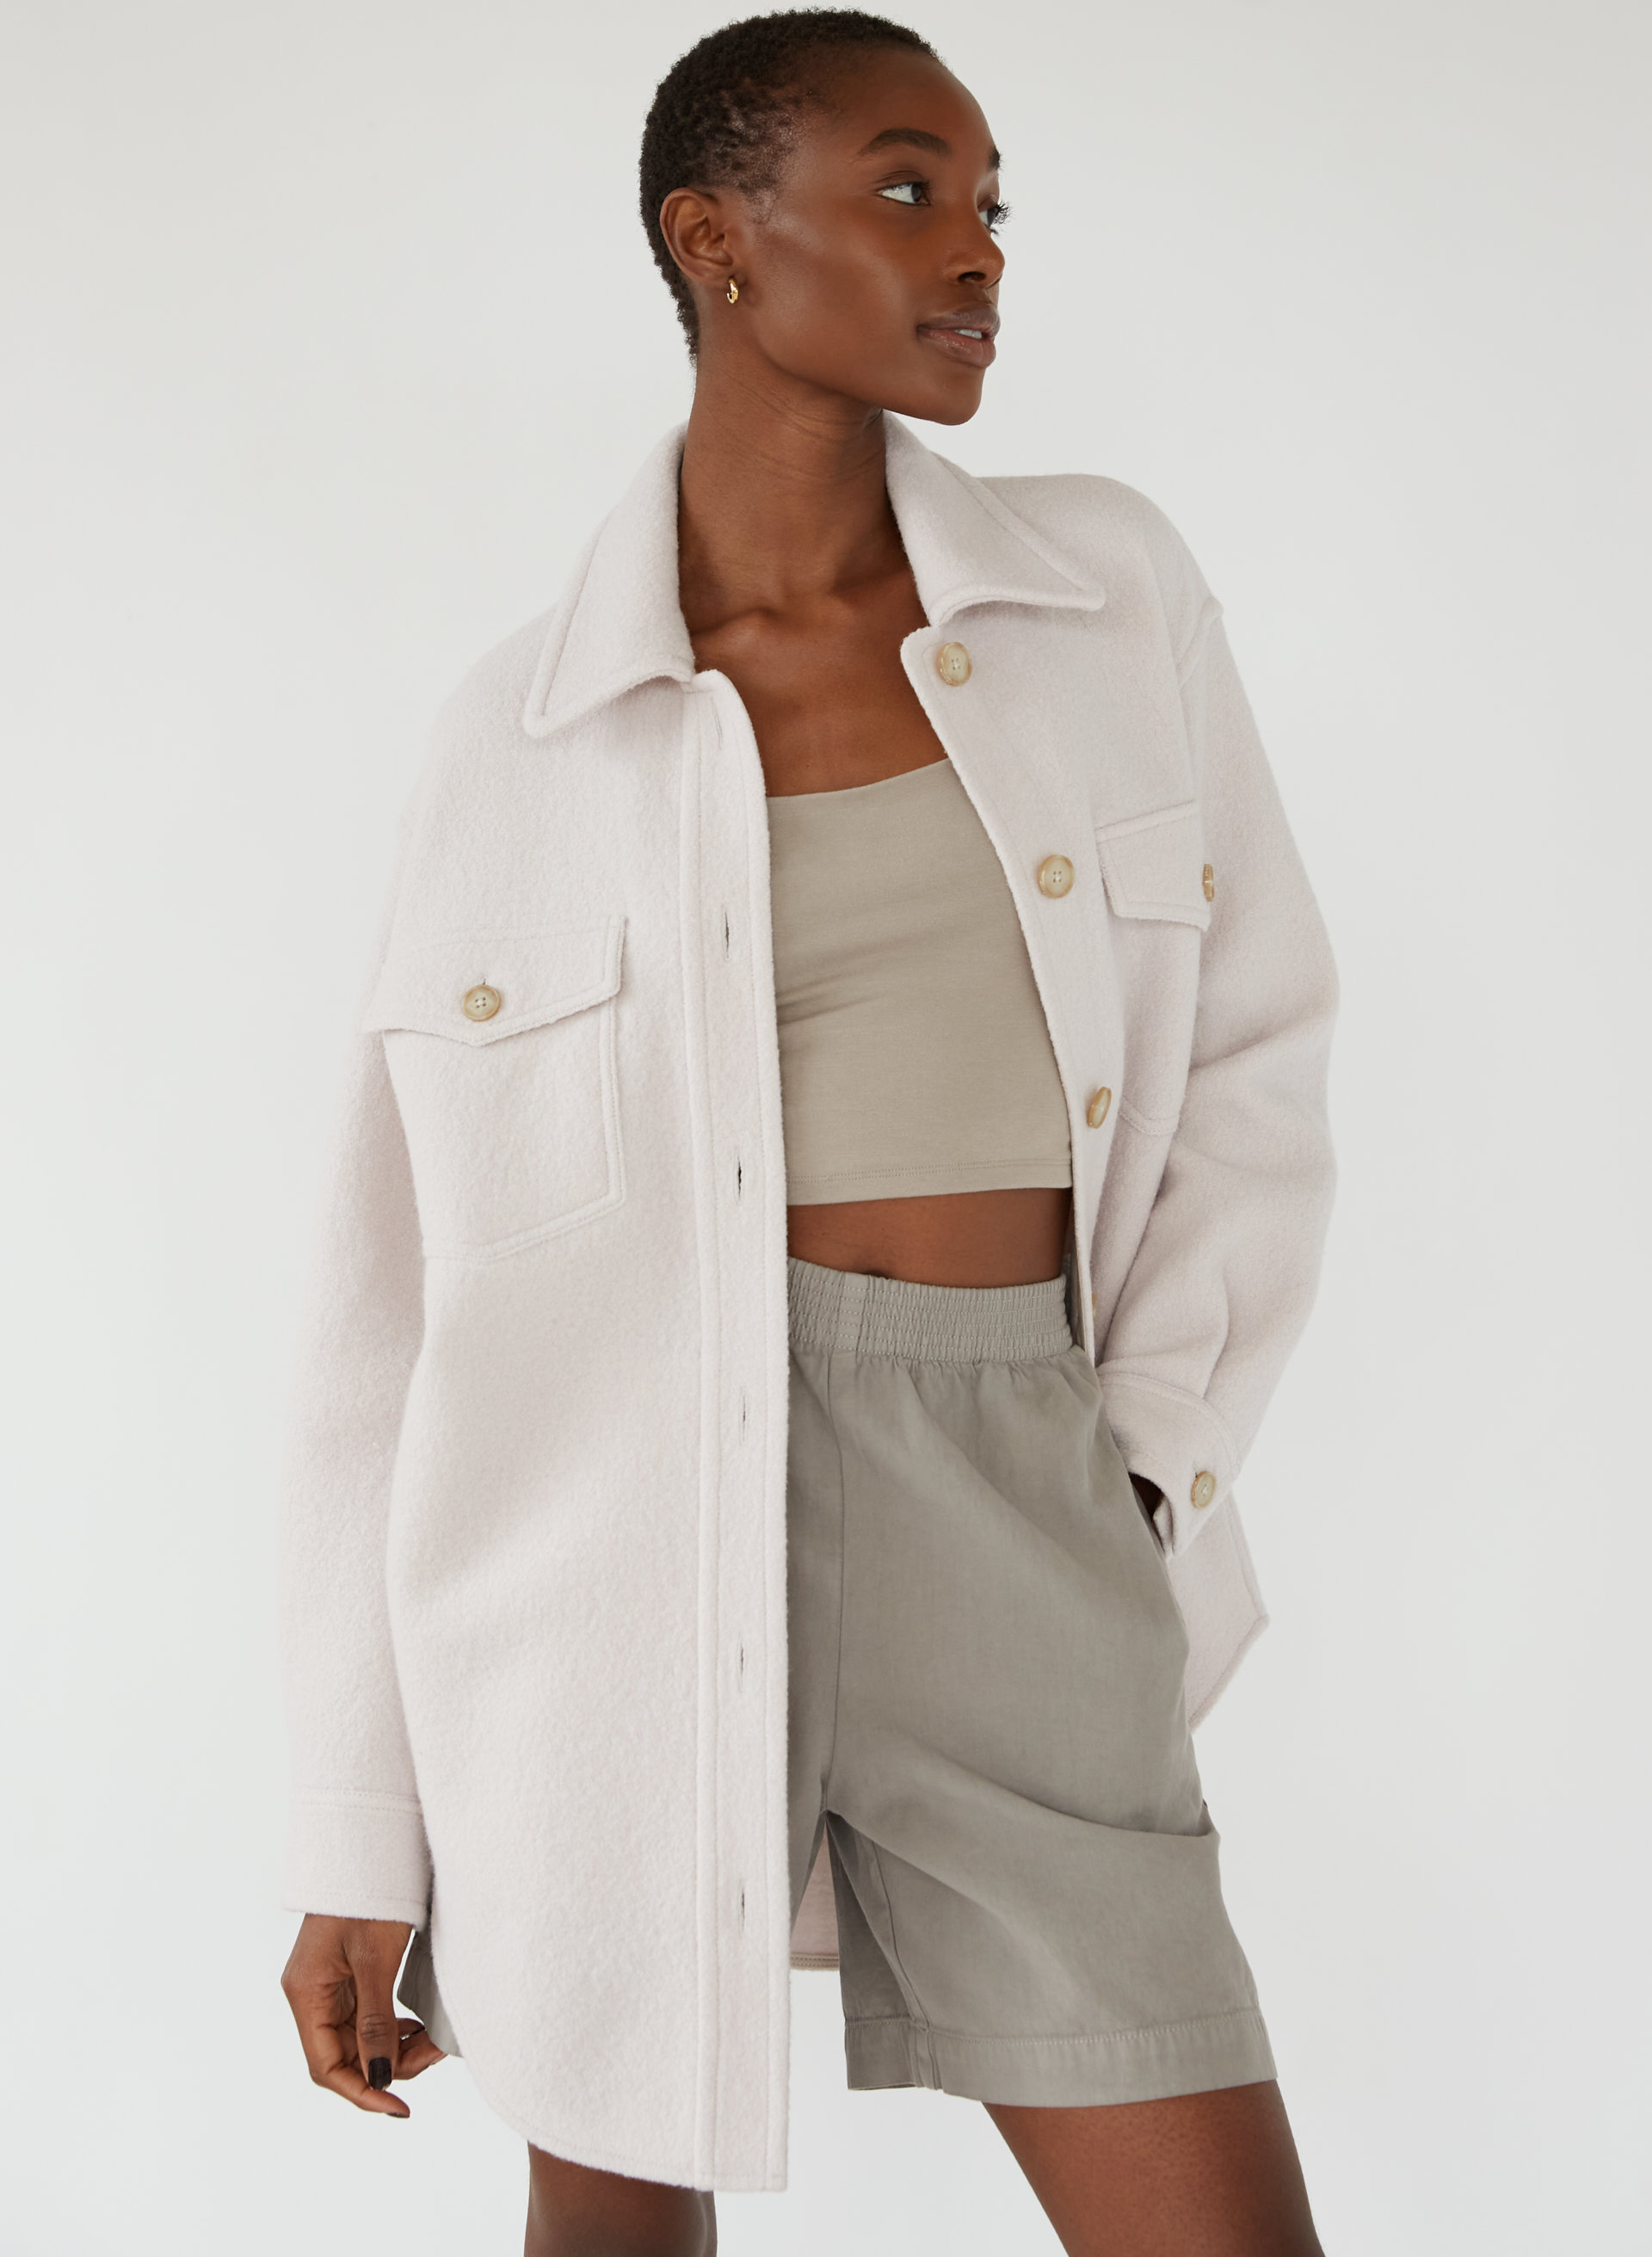 The Ganna Jacket